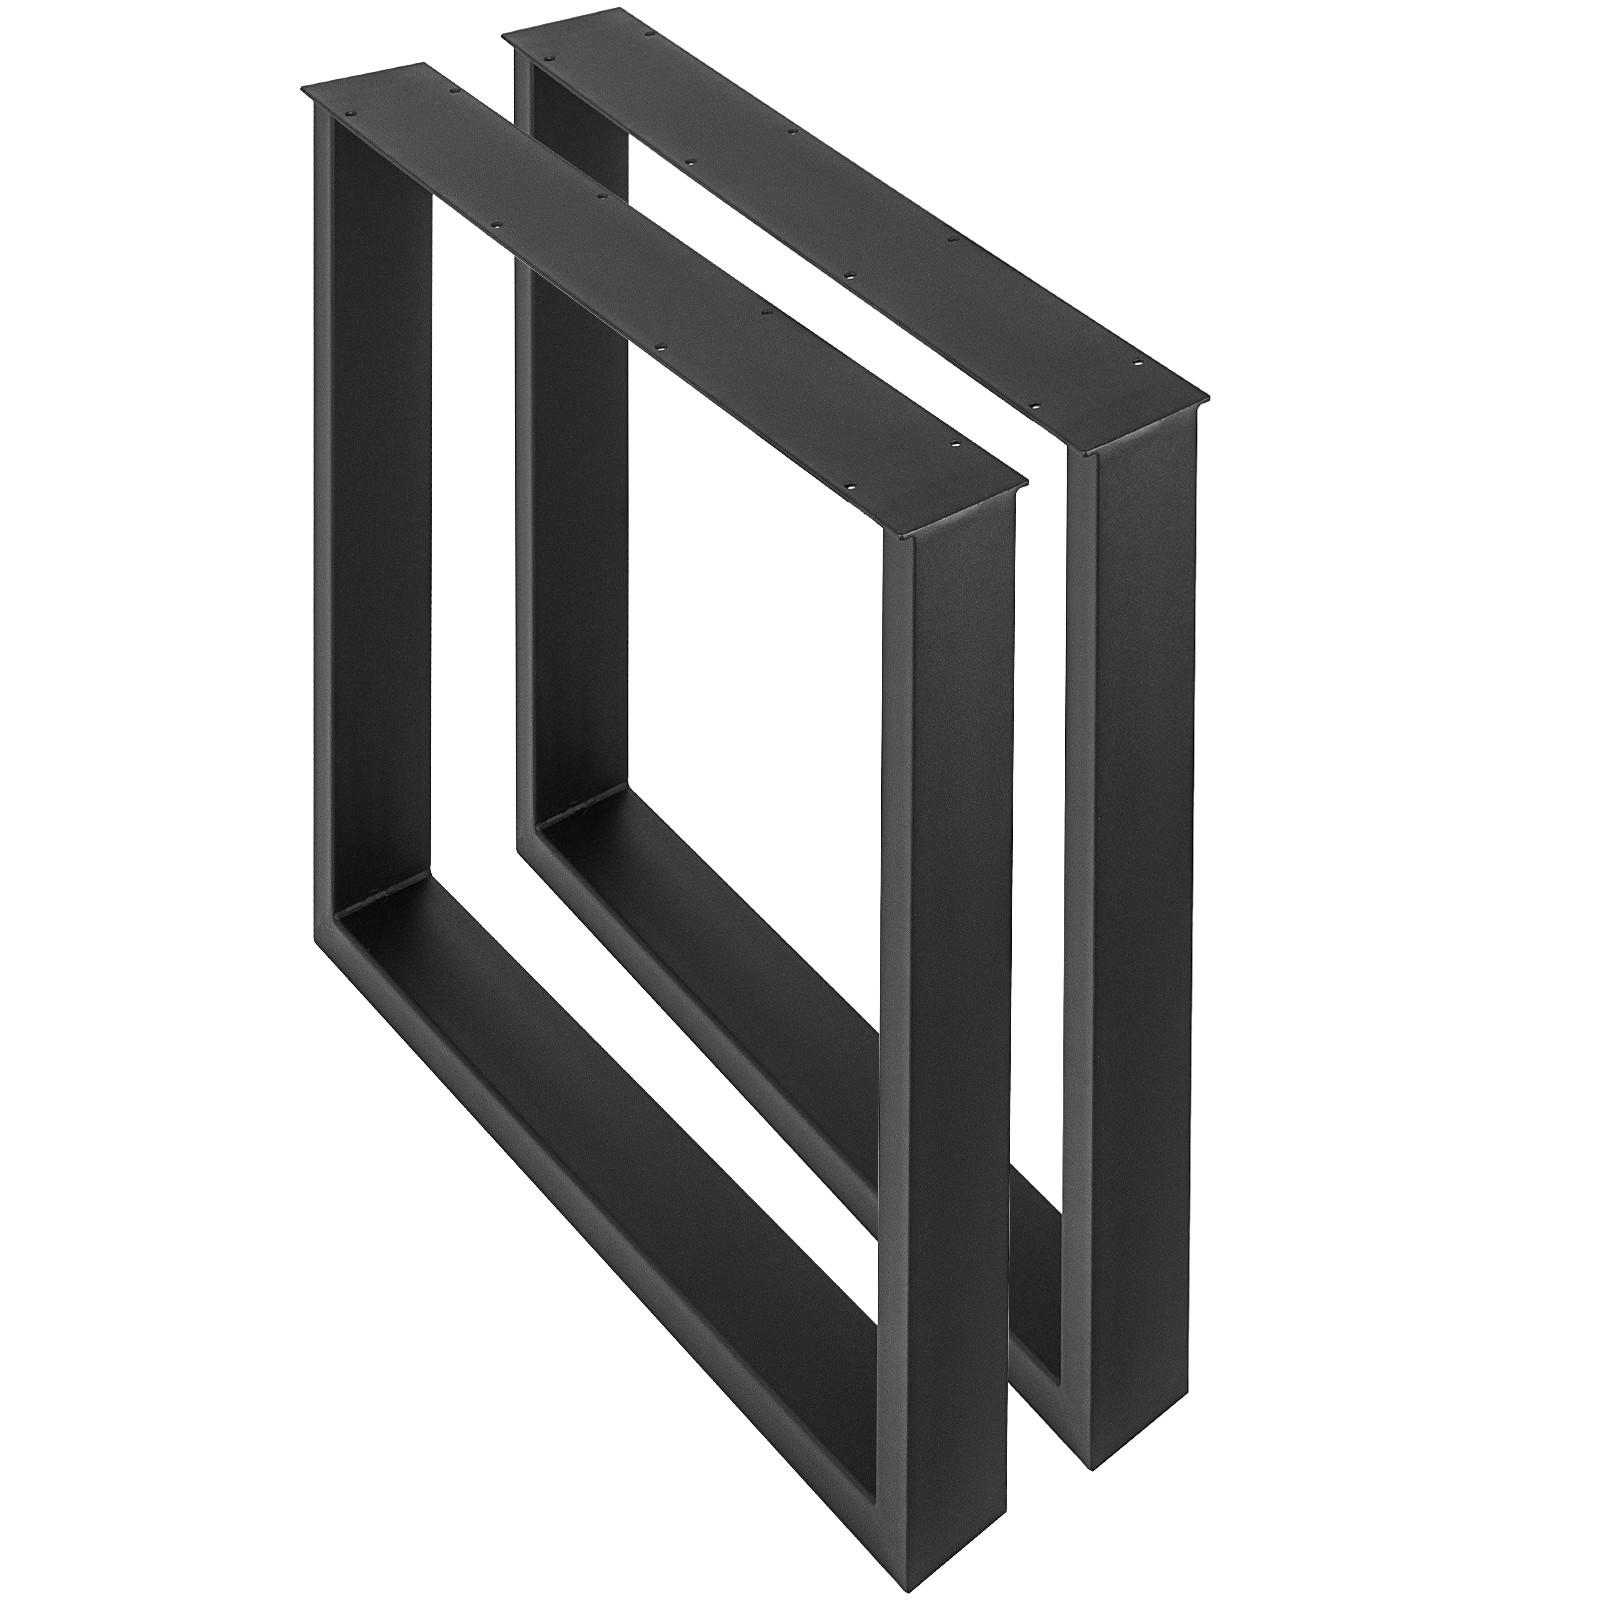 2x pieds de table noir rectangulaire